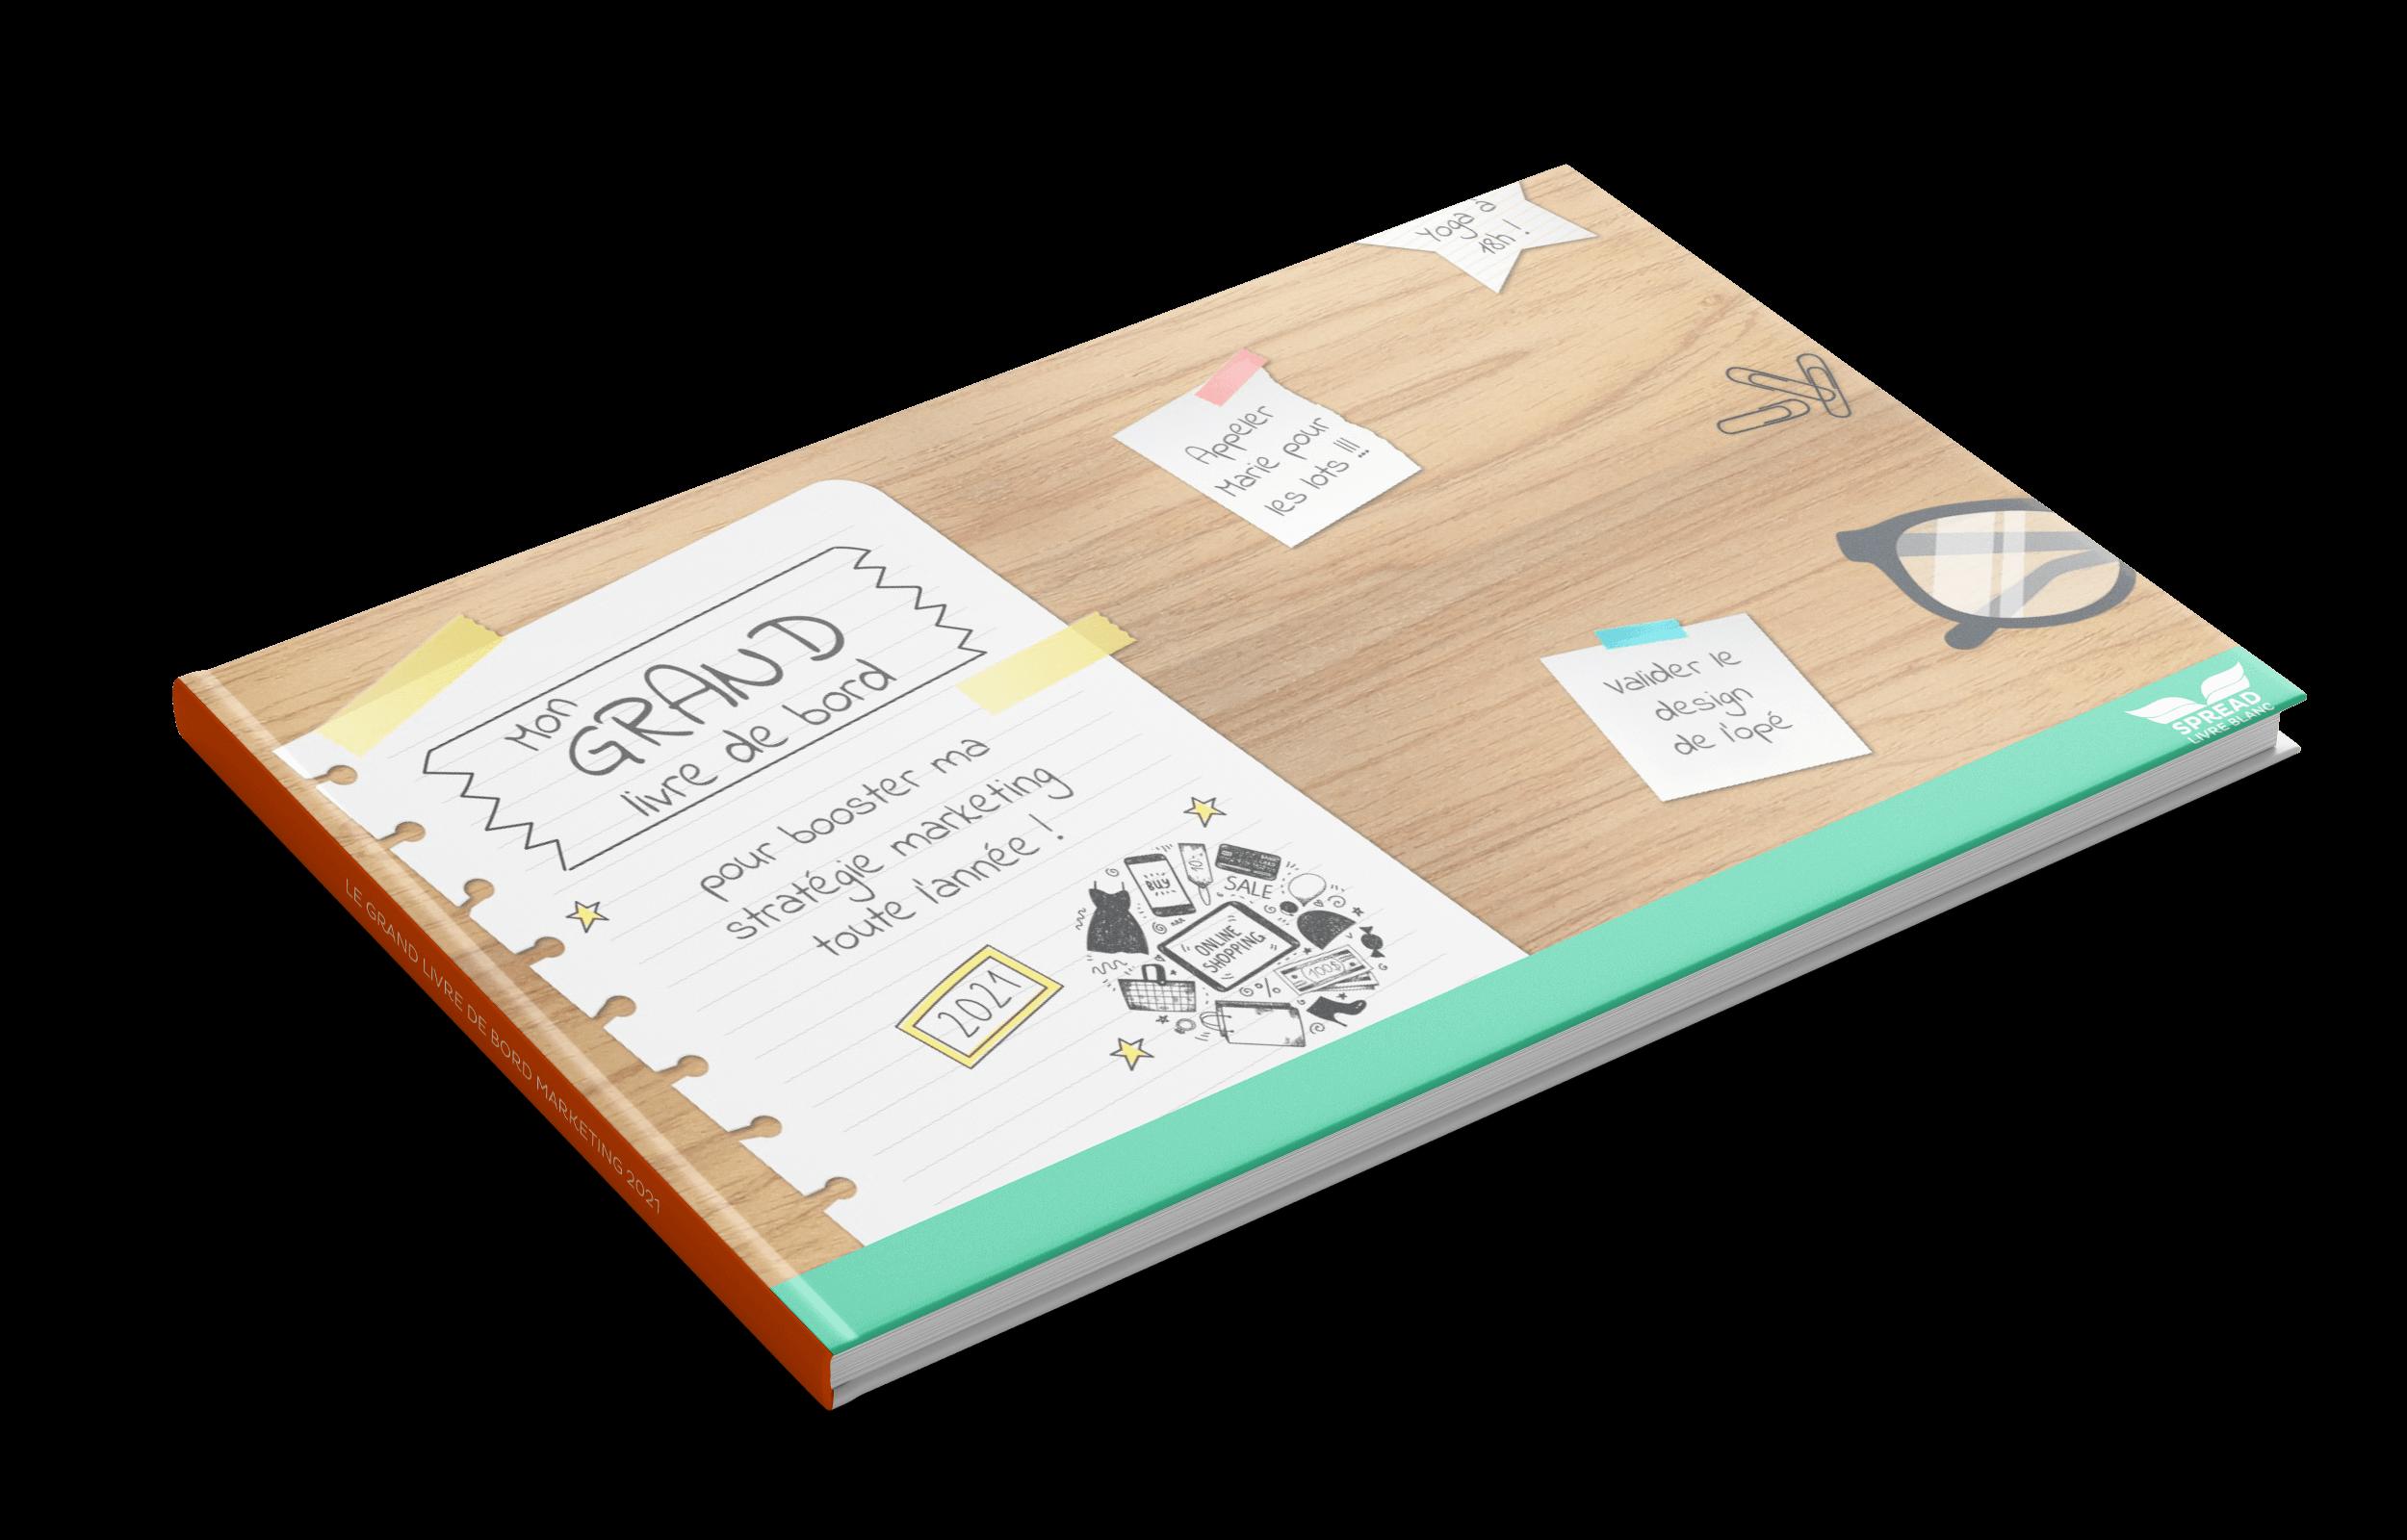 Le grand livre de bord pour booster sa stratégie marketing toute l'année